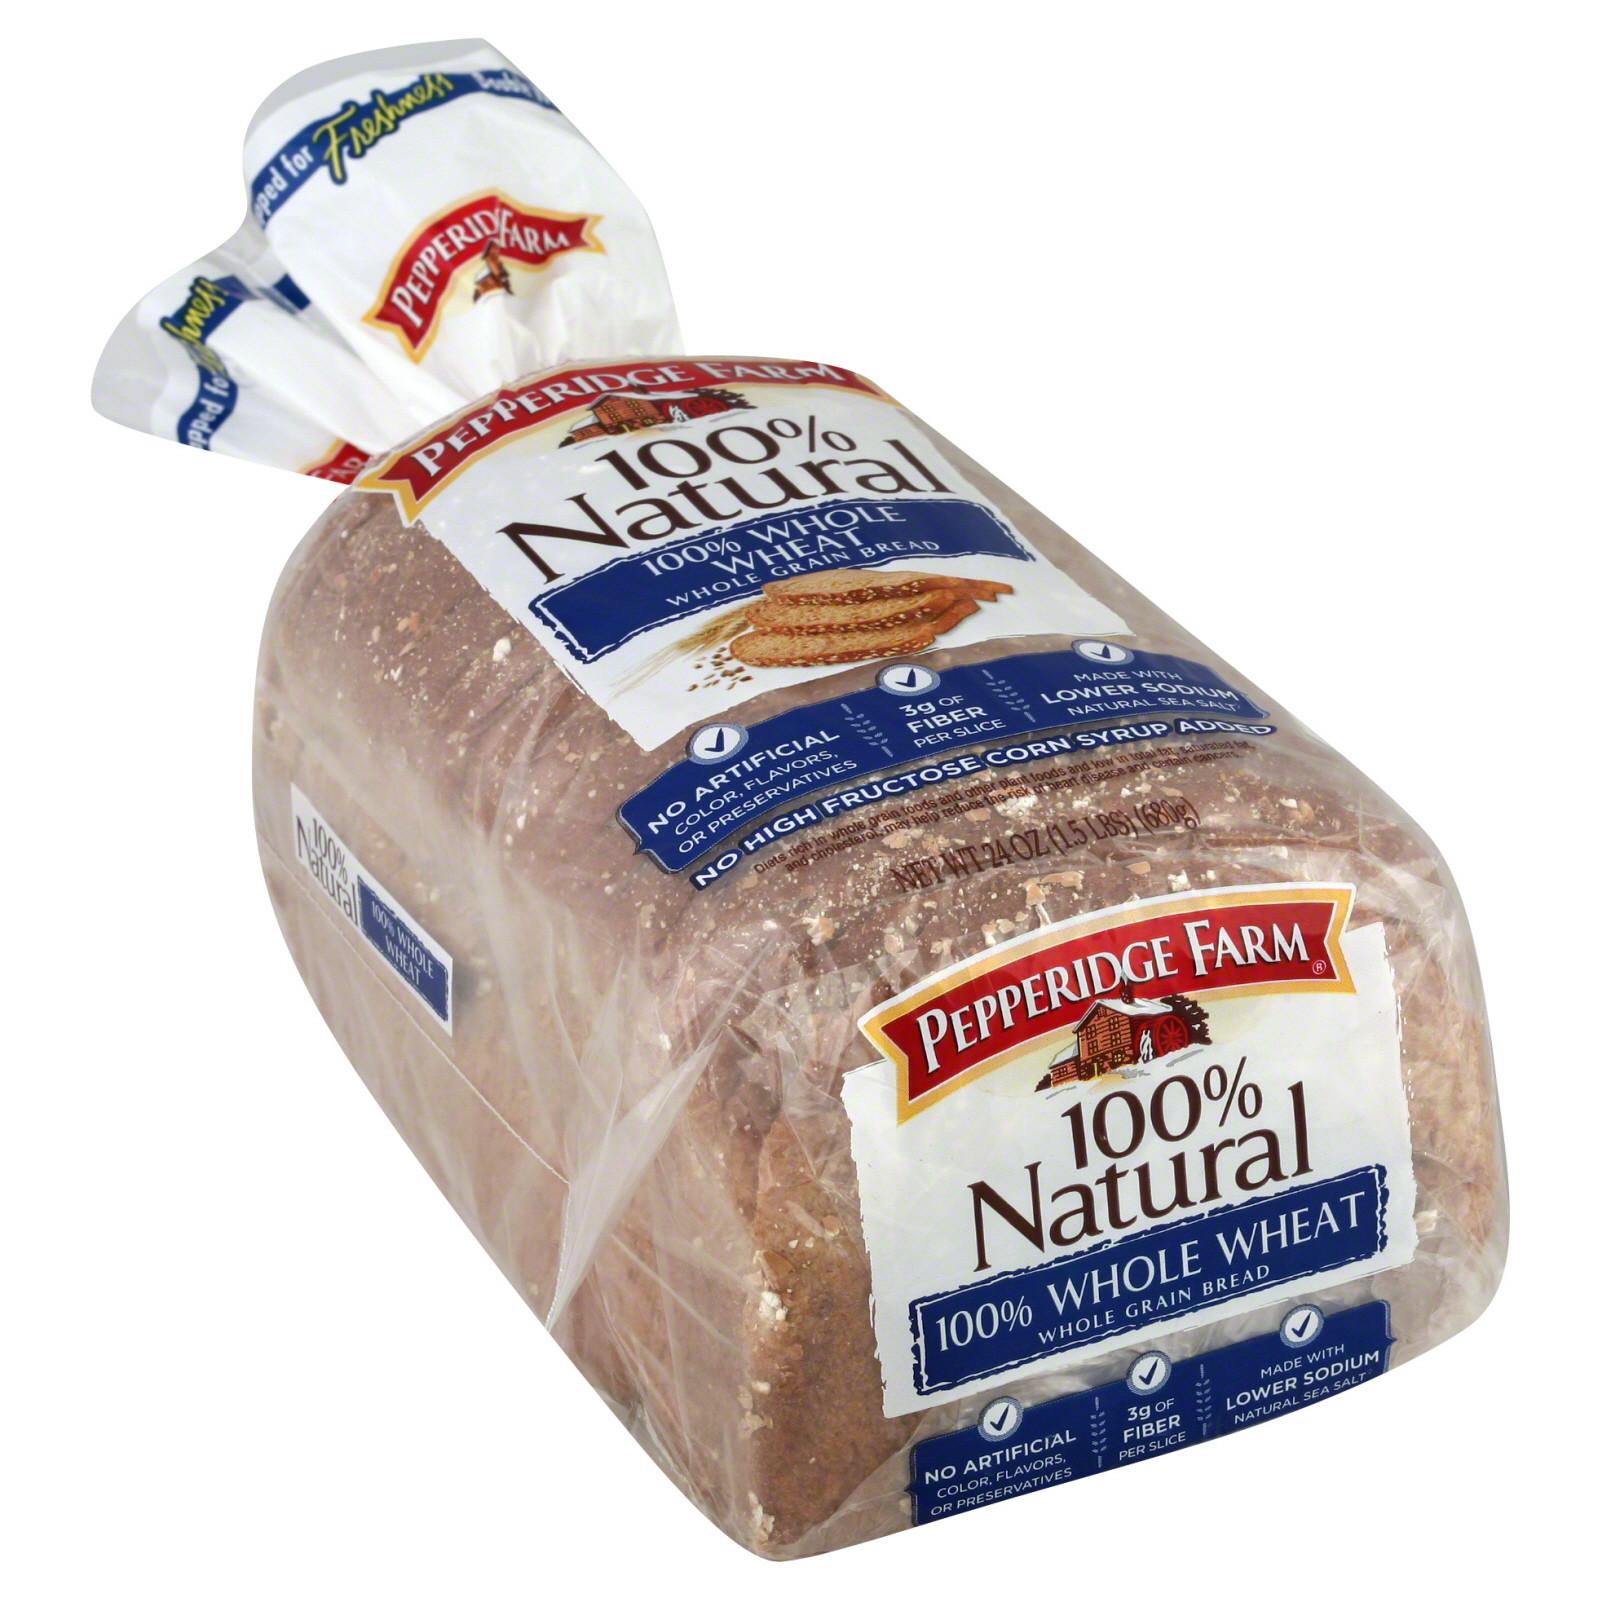 100% Whole Grain Bread  Pepperidge Farm Natural Bread Whole Grain